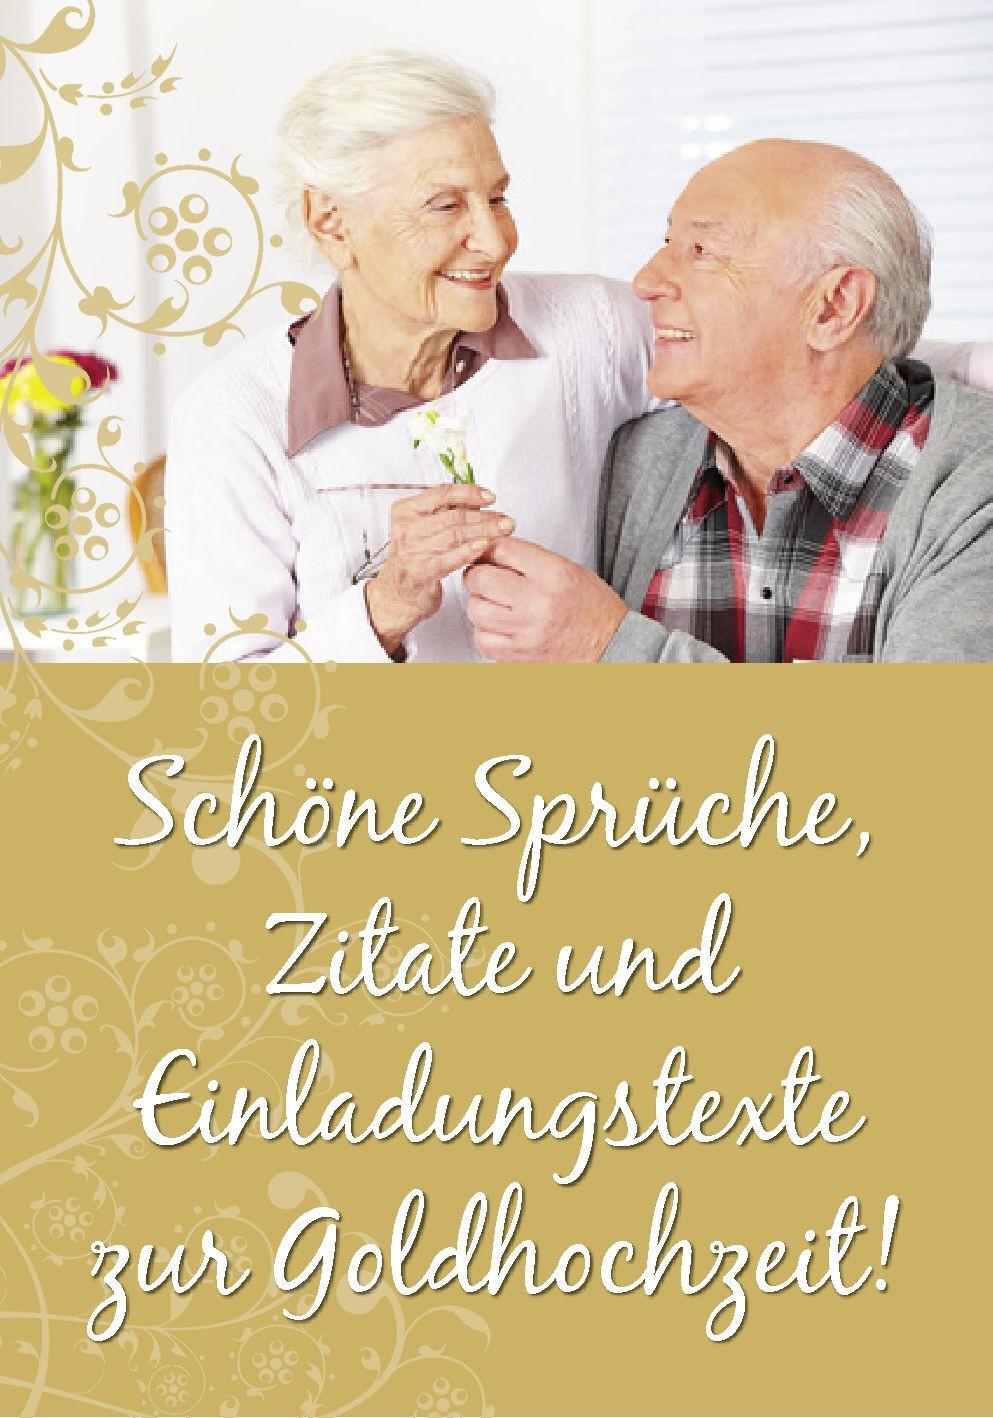 Einladungstexte Goldene Hochzeit  Schöne Sprüche Zitate Gedichte und Einladungstexte für